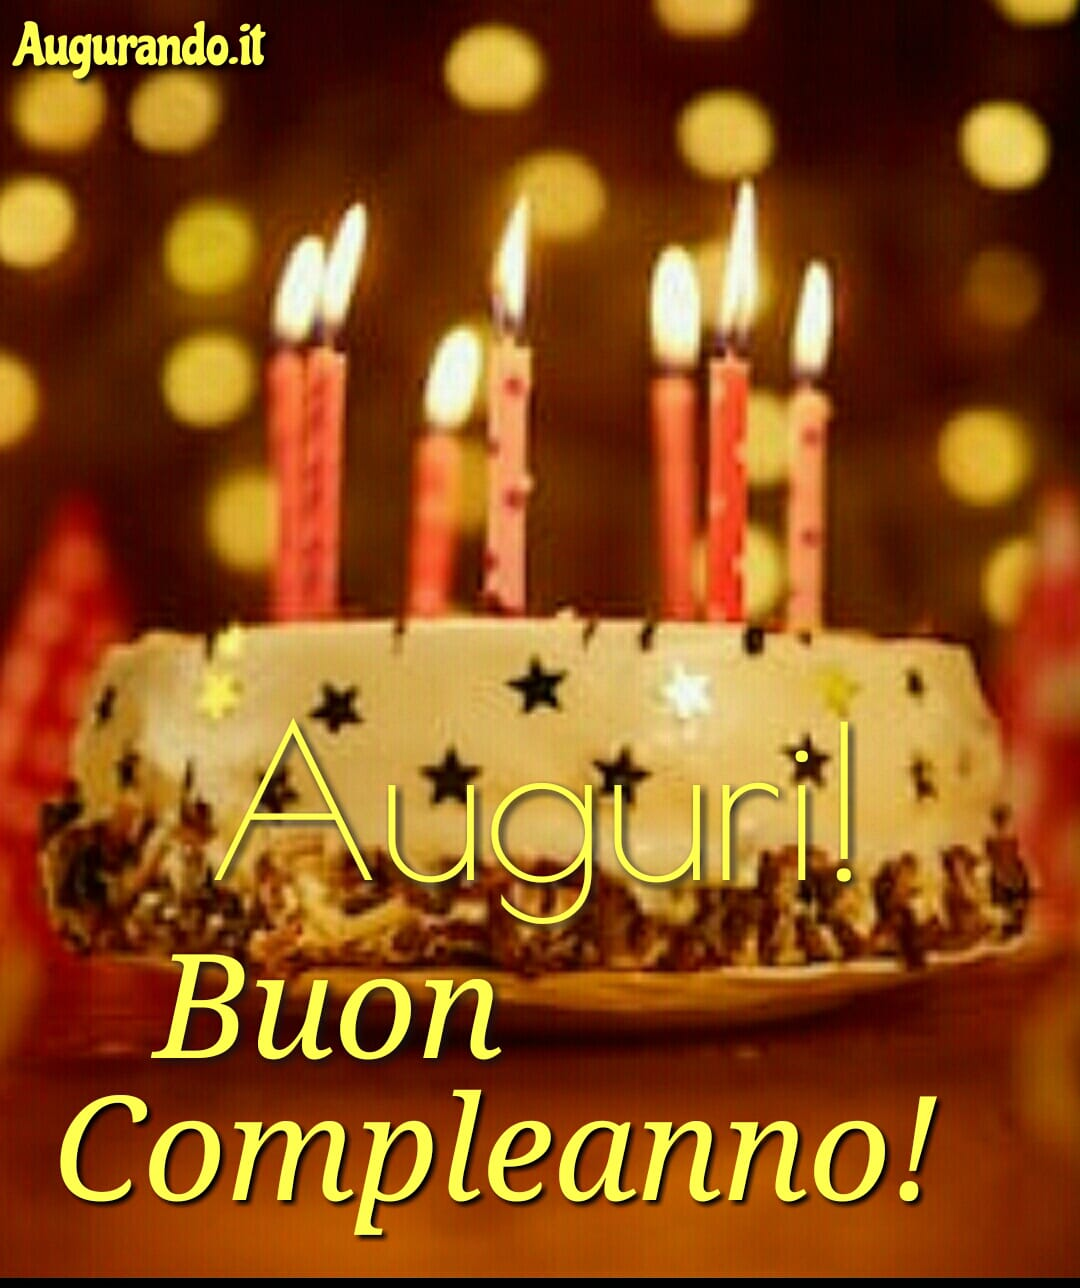 Buon Compleanno, compleanno, felice compleanno, cari auguri, dolce compleanno, tanti auguri di buon compleanno, festa di compleanno, auguri, happy birthday, Augurissimi, immagini buon compleanno, tanti auguri amore mio, tanti auguri a te